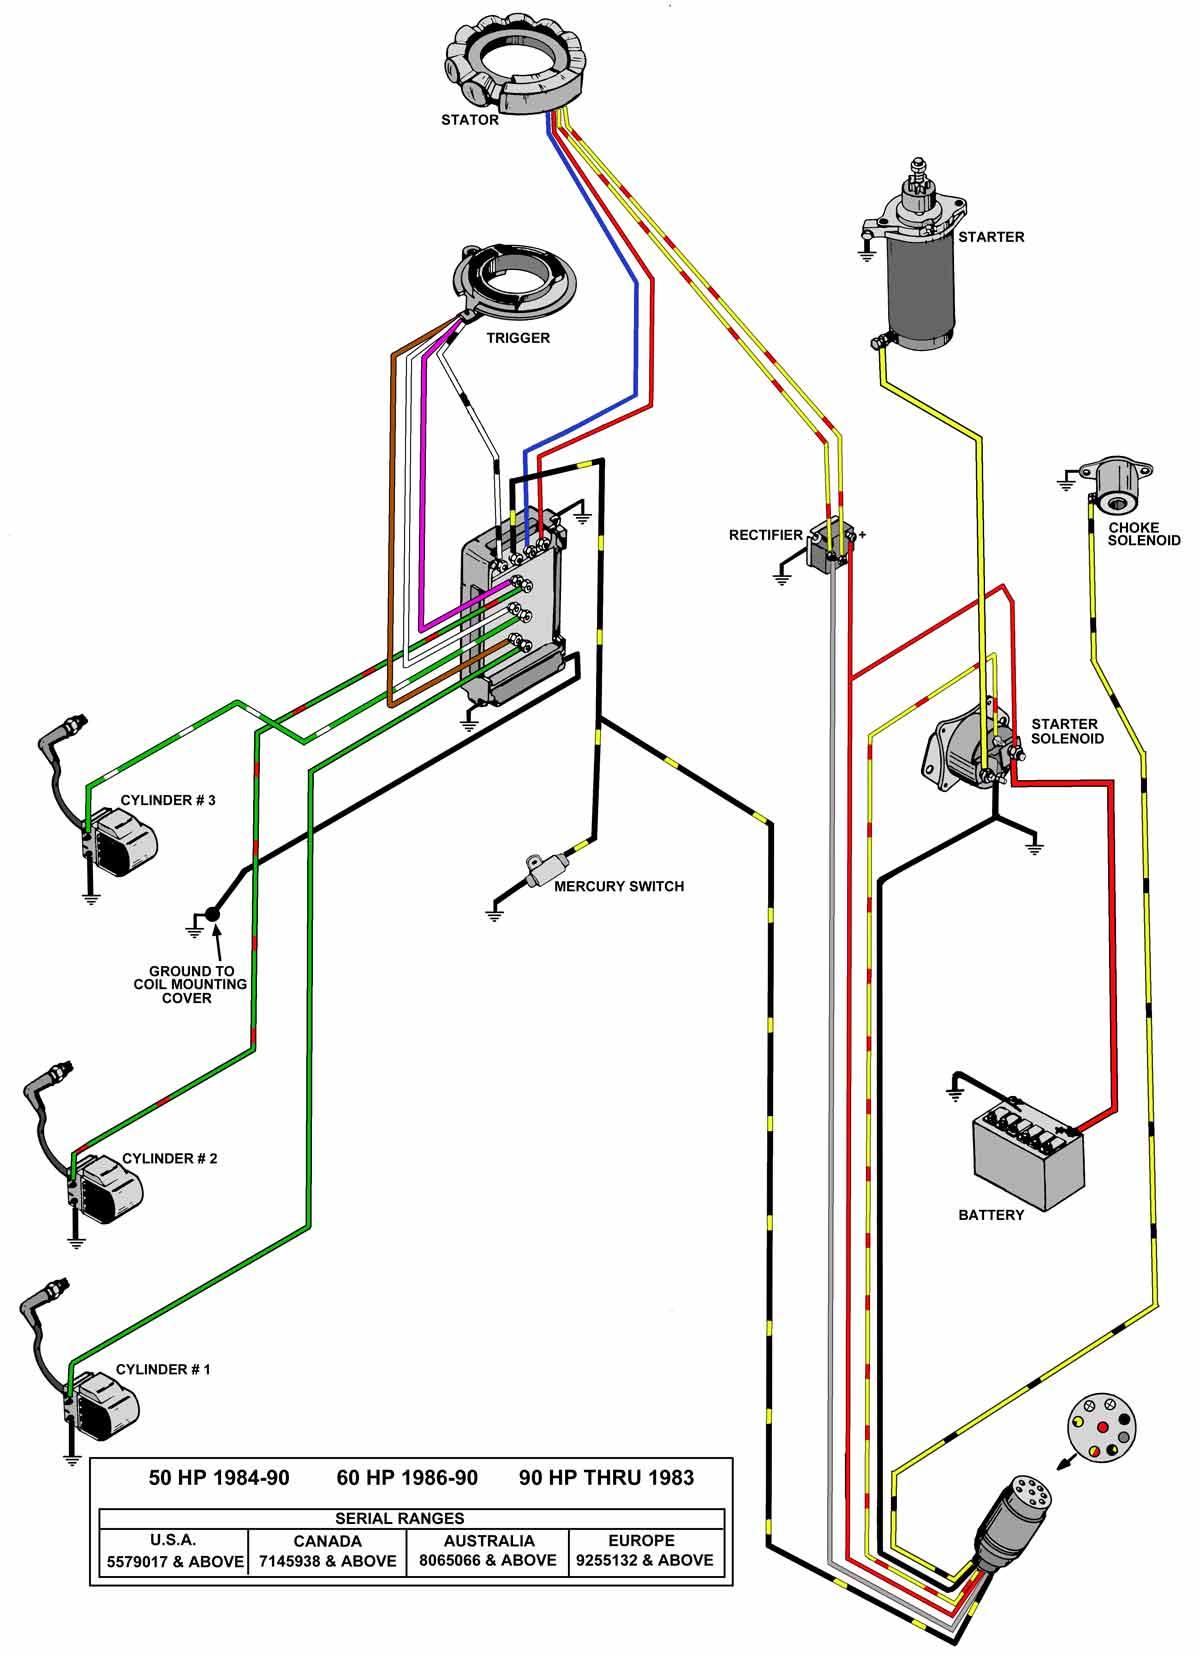 Suzuki Outboard Gauges Wiring Diagram | Wiring Schematic Diagram on 2010 yamaha marine wiring diagram, marine battery wiring diagram, marine gauge radio, marine generator wiring diagram, marine fuel sender wiring, yamaha marine outboard wiring diagram, marine engine wiring diagram, marine starter wiring diagram, marine switch panel wiring diagram, marine gauge control panel, marine tachometer wiring diagram, yamaha gauges wire diagram, marine tach wiring, marine ignition switch wiring diagram,